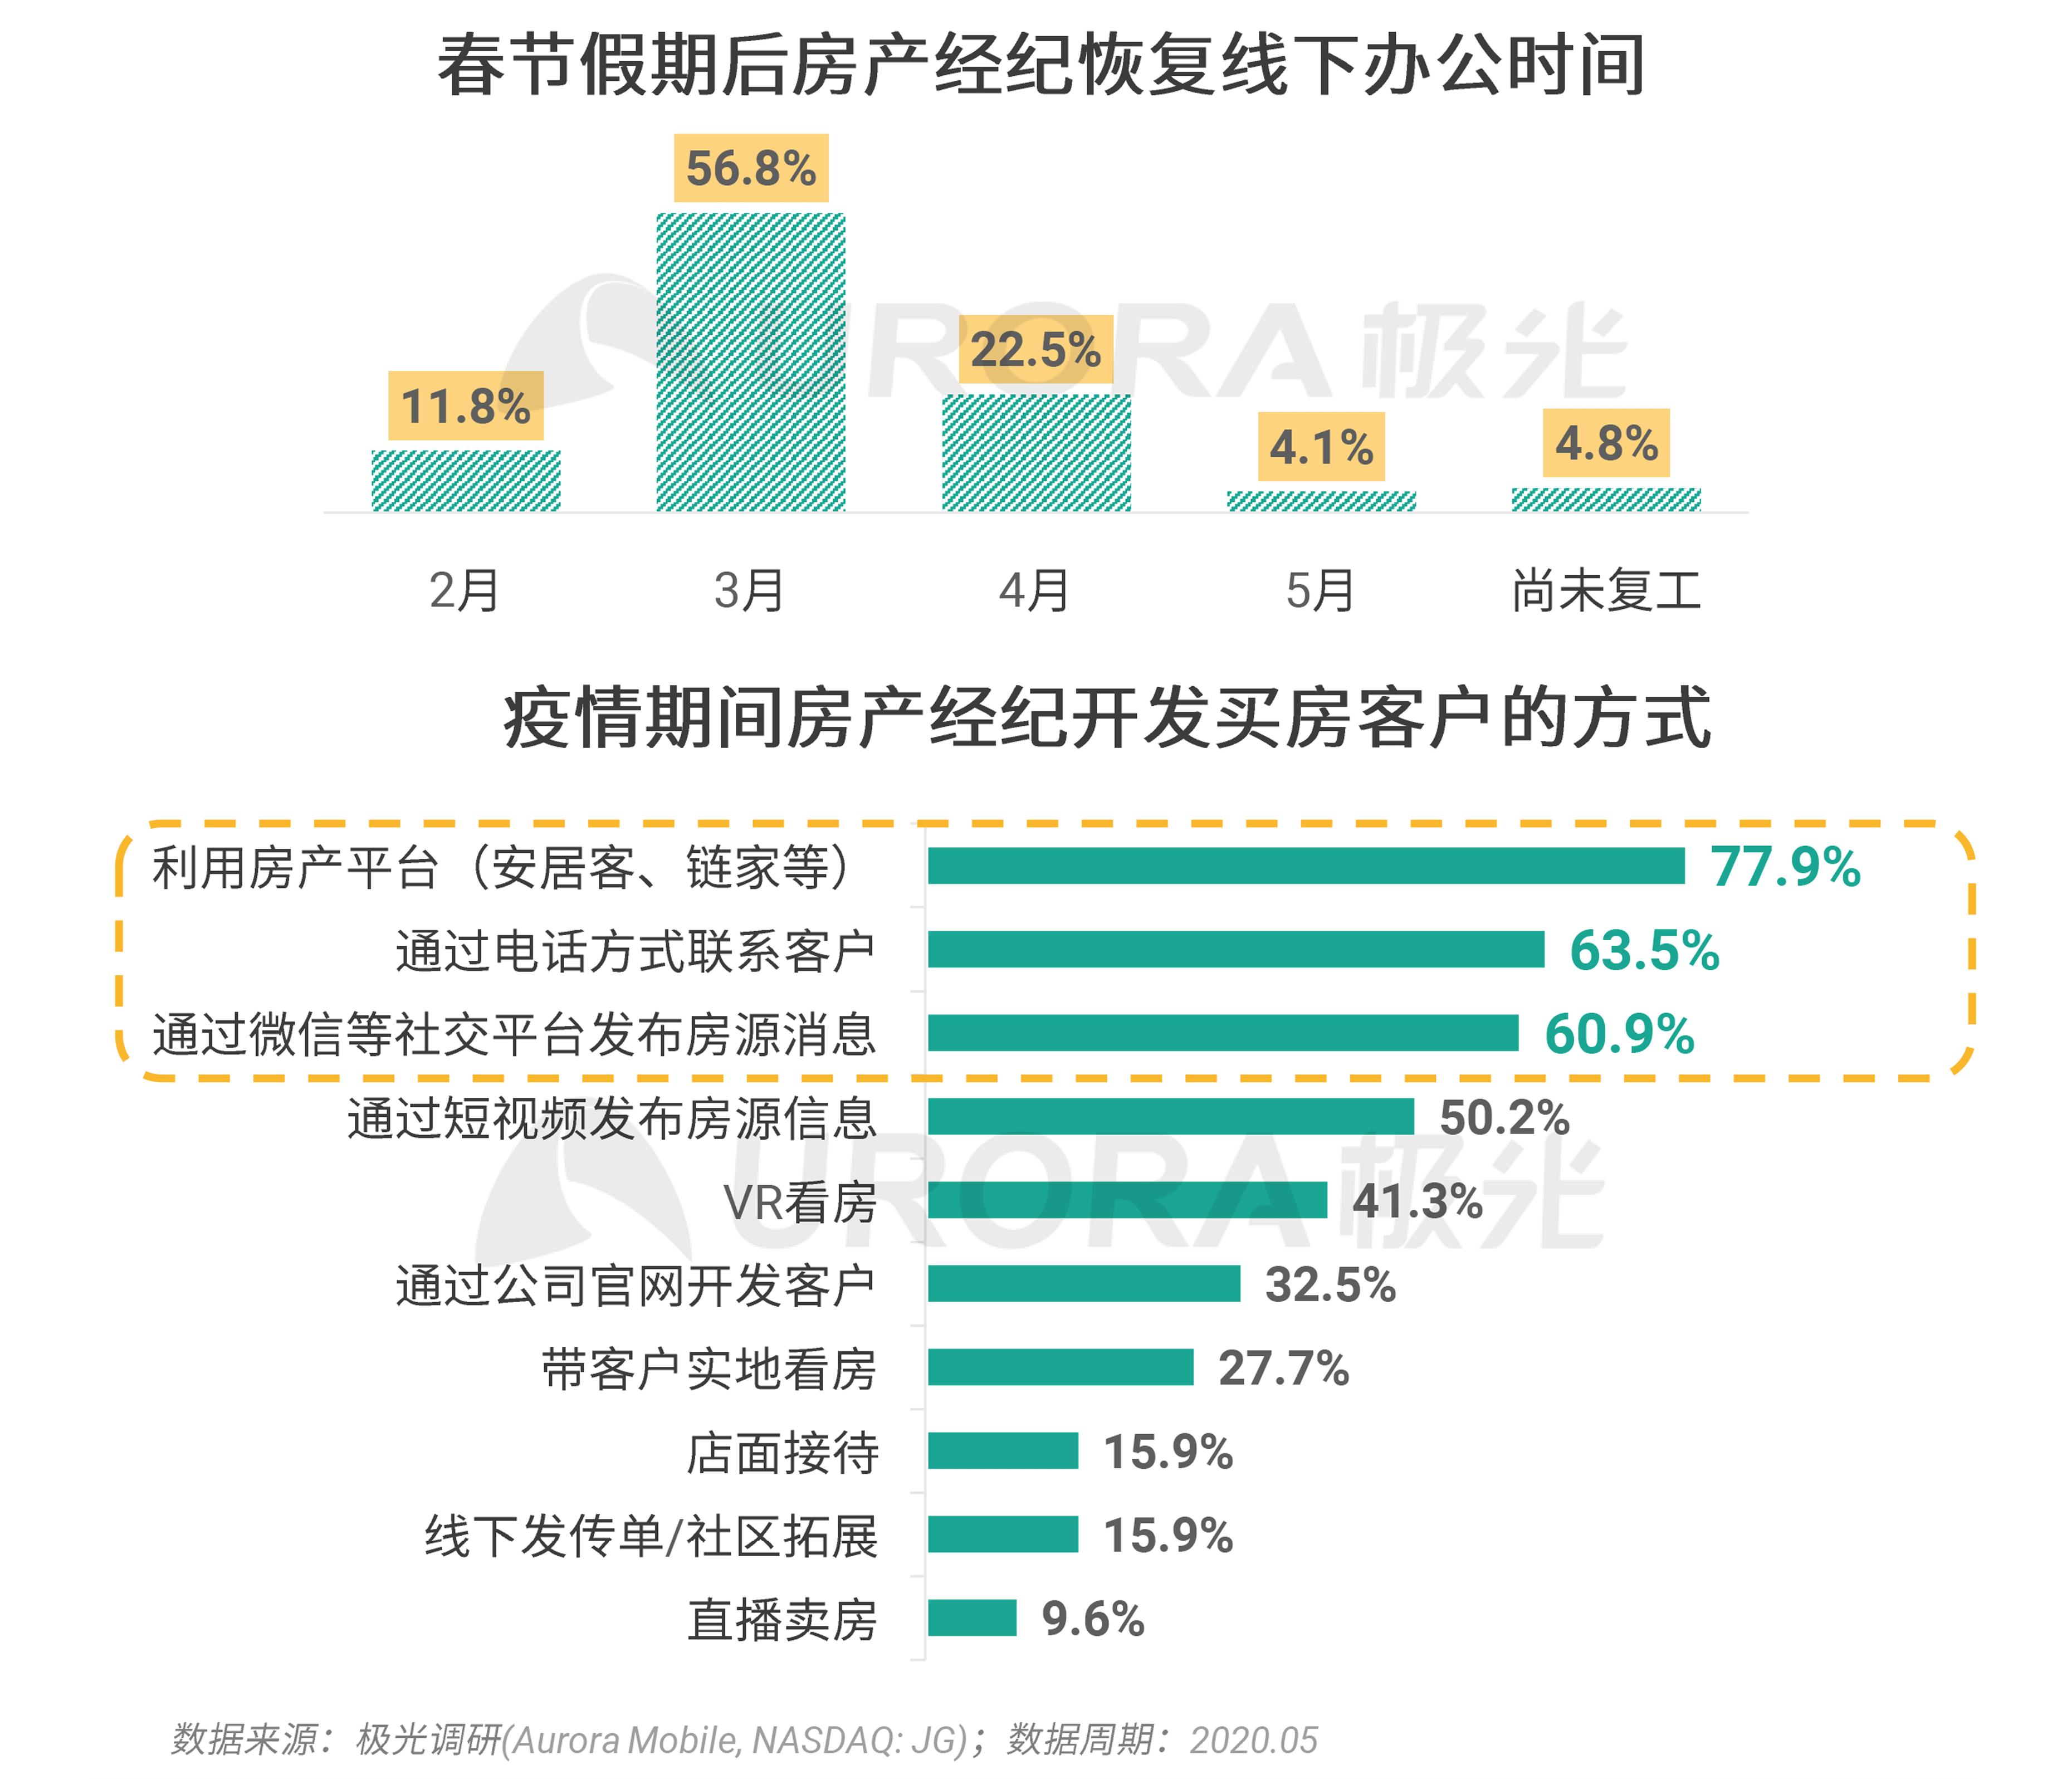 极光:2020年房产经纪行业和购房市场洞察报告 (14).png